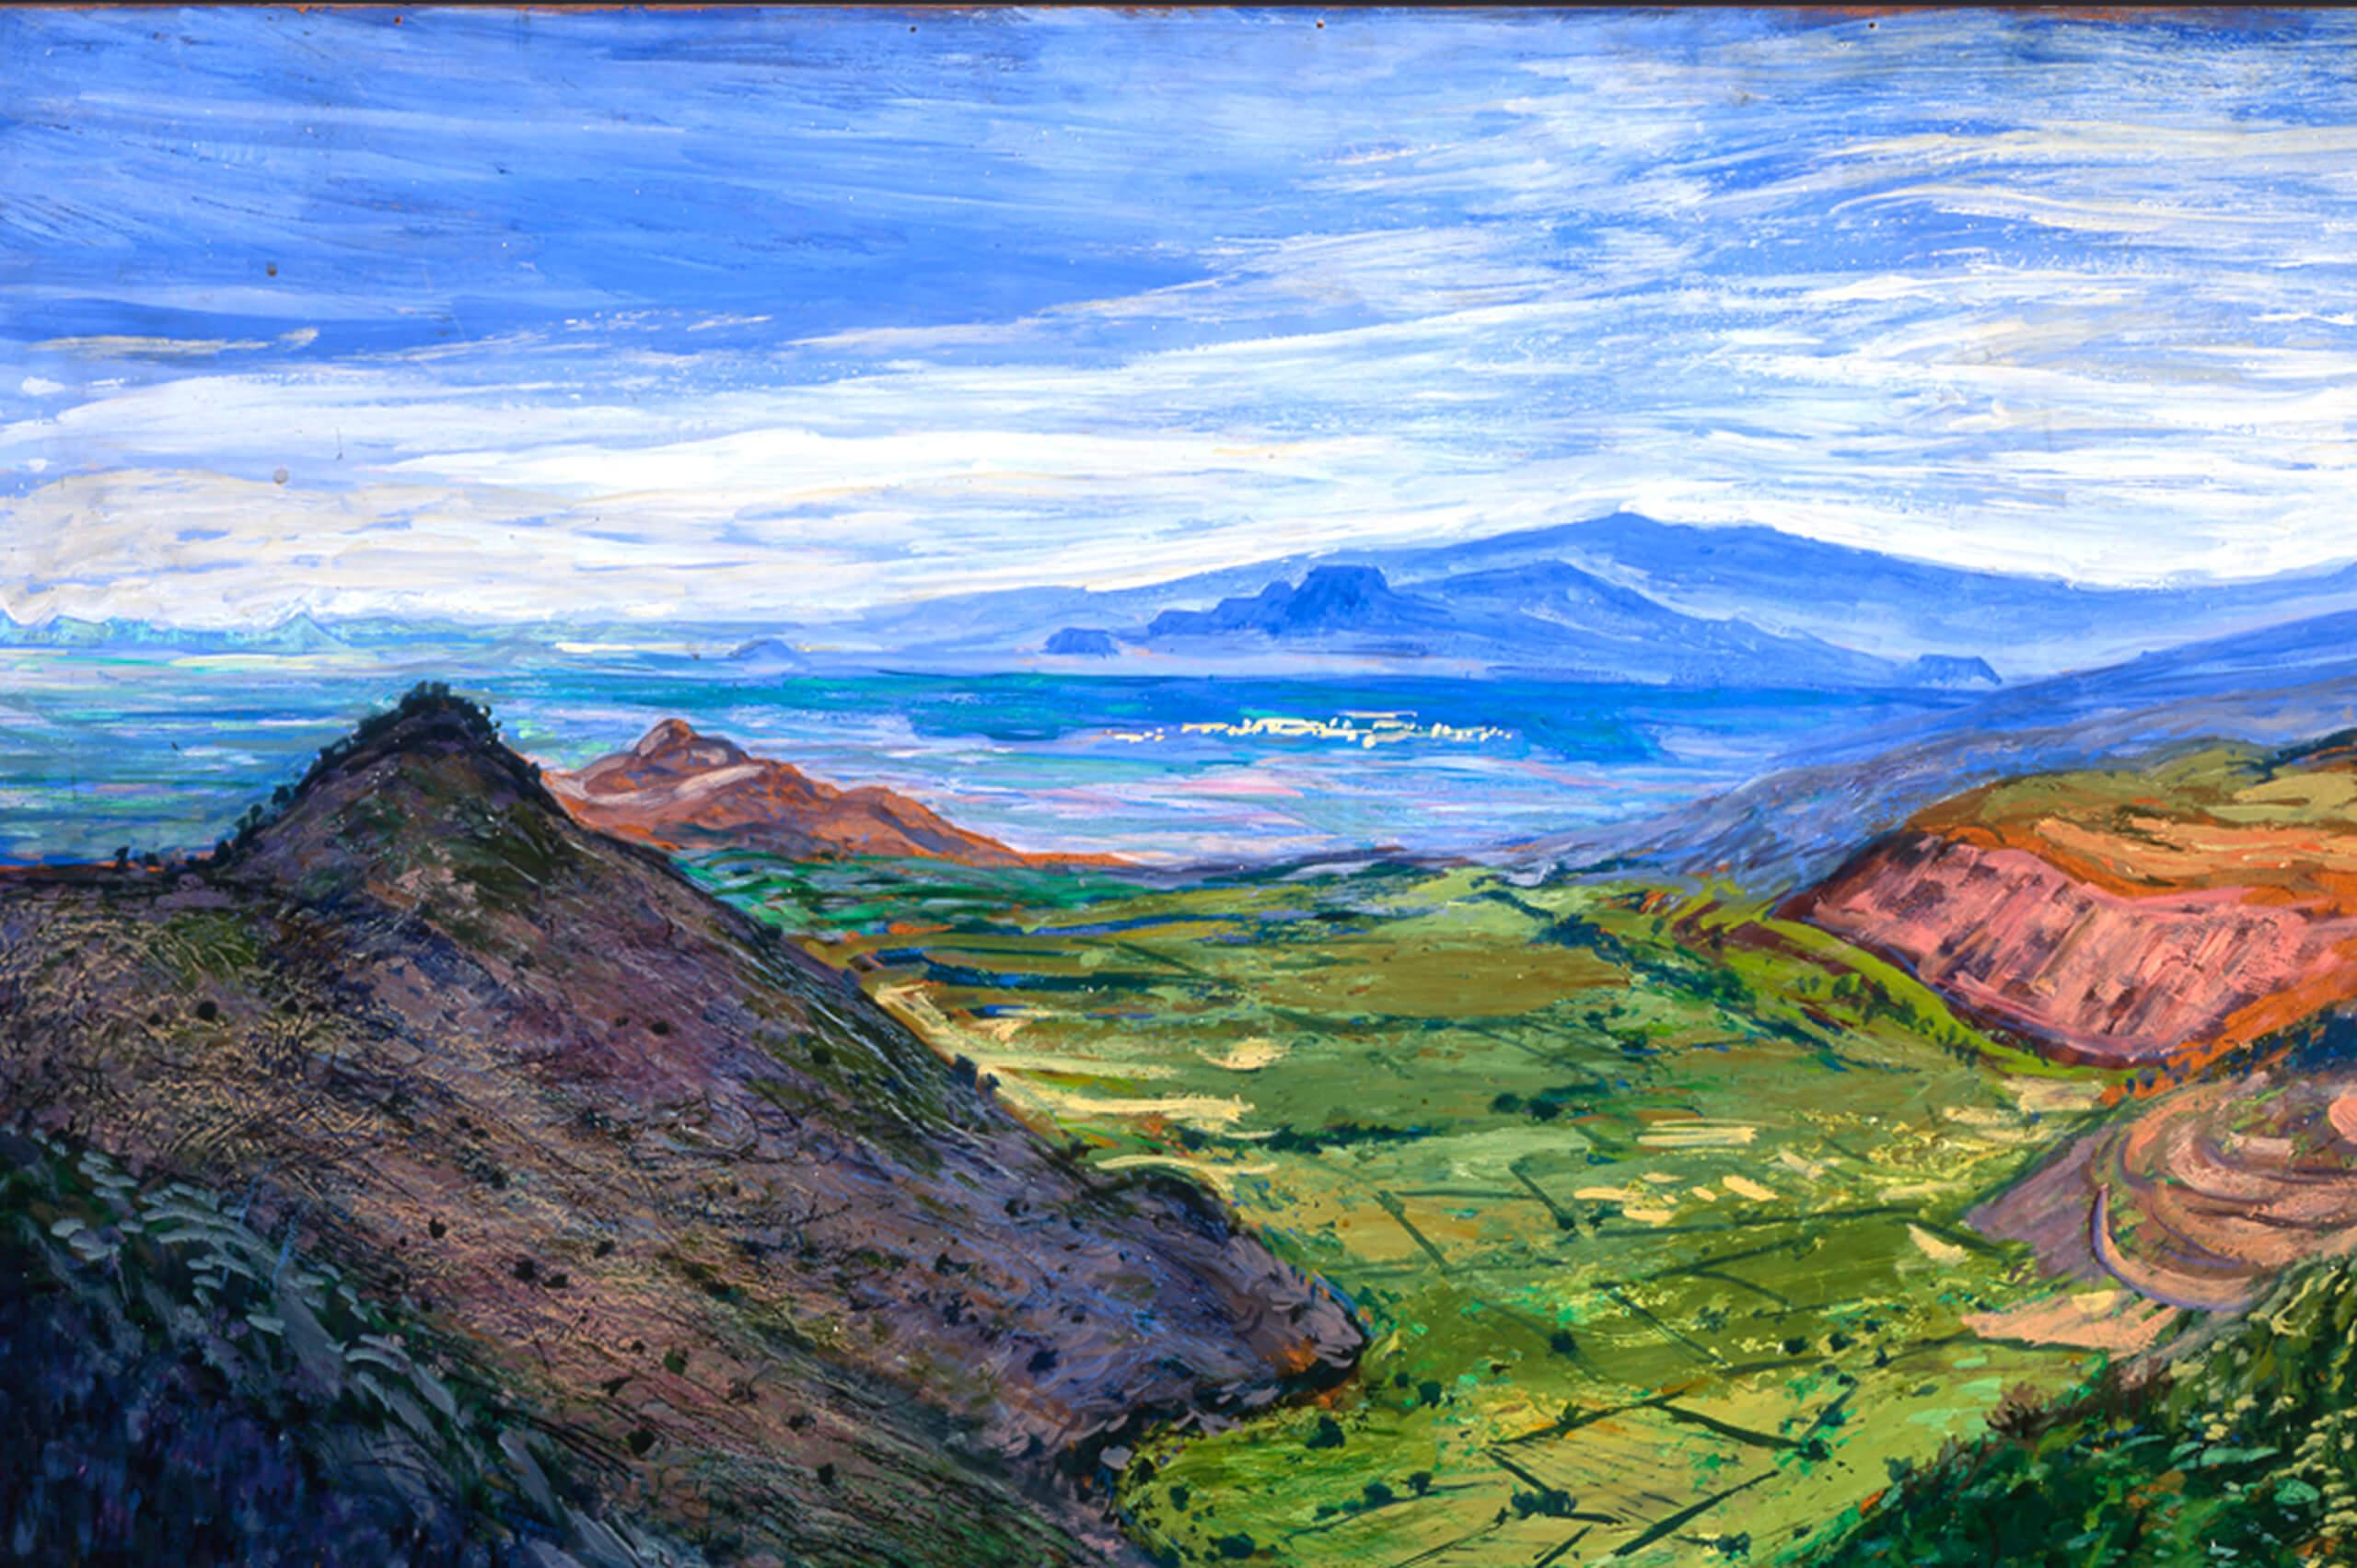 La vista de los volcanes desde el camino a Cuernavaca  Coleccin de Arte Virreinal y Siglo XIX